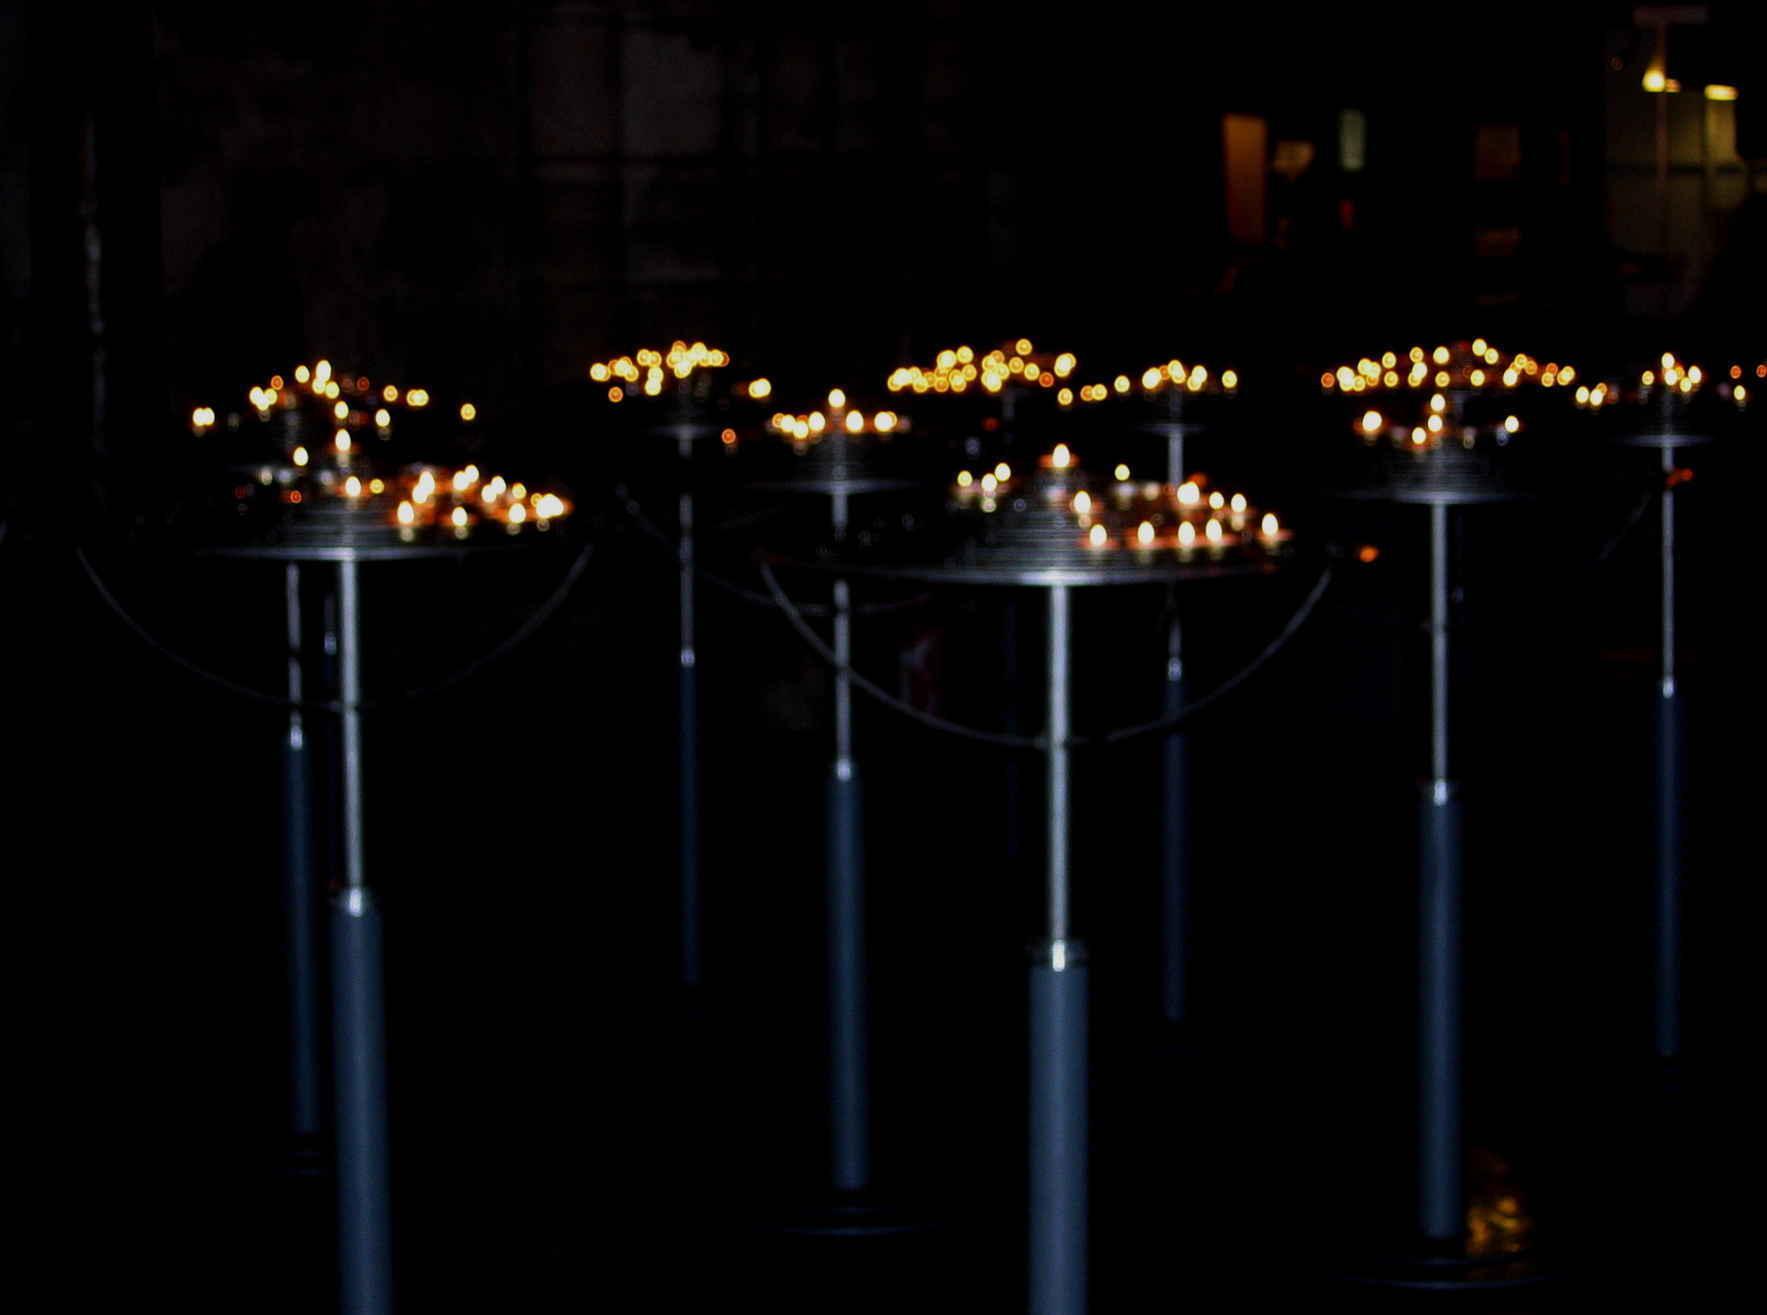 MRKH Vigil image